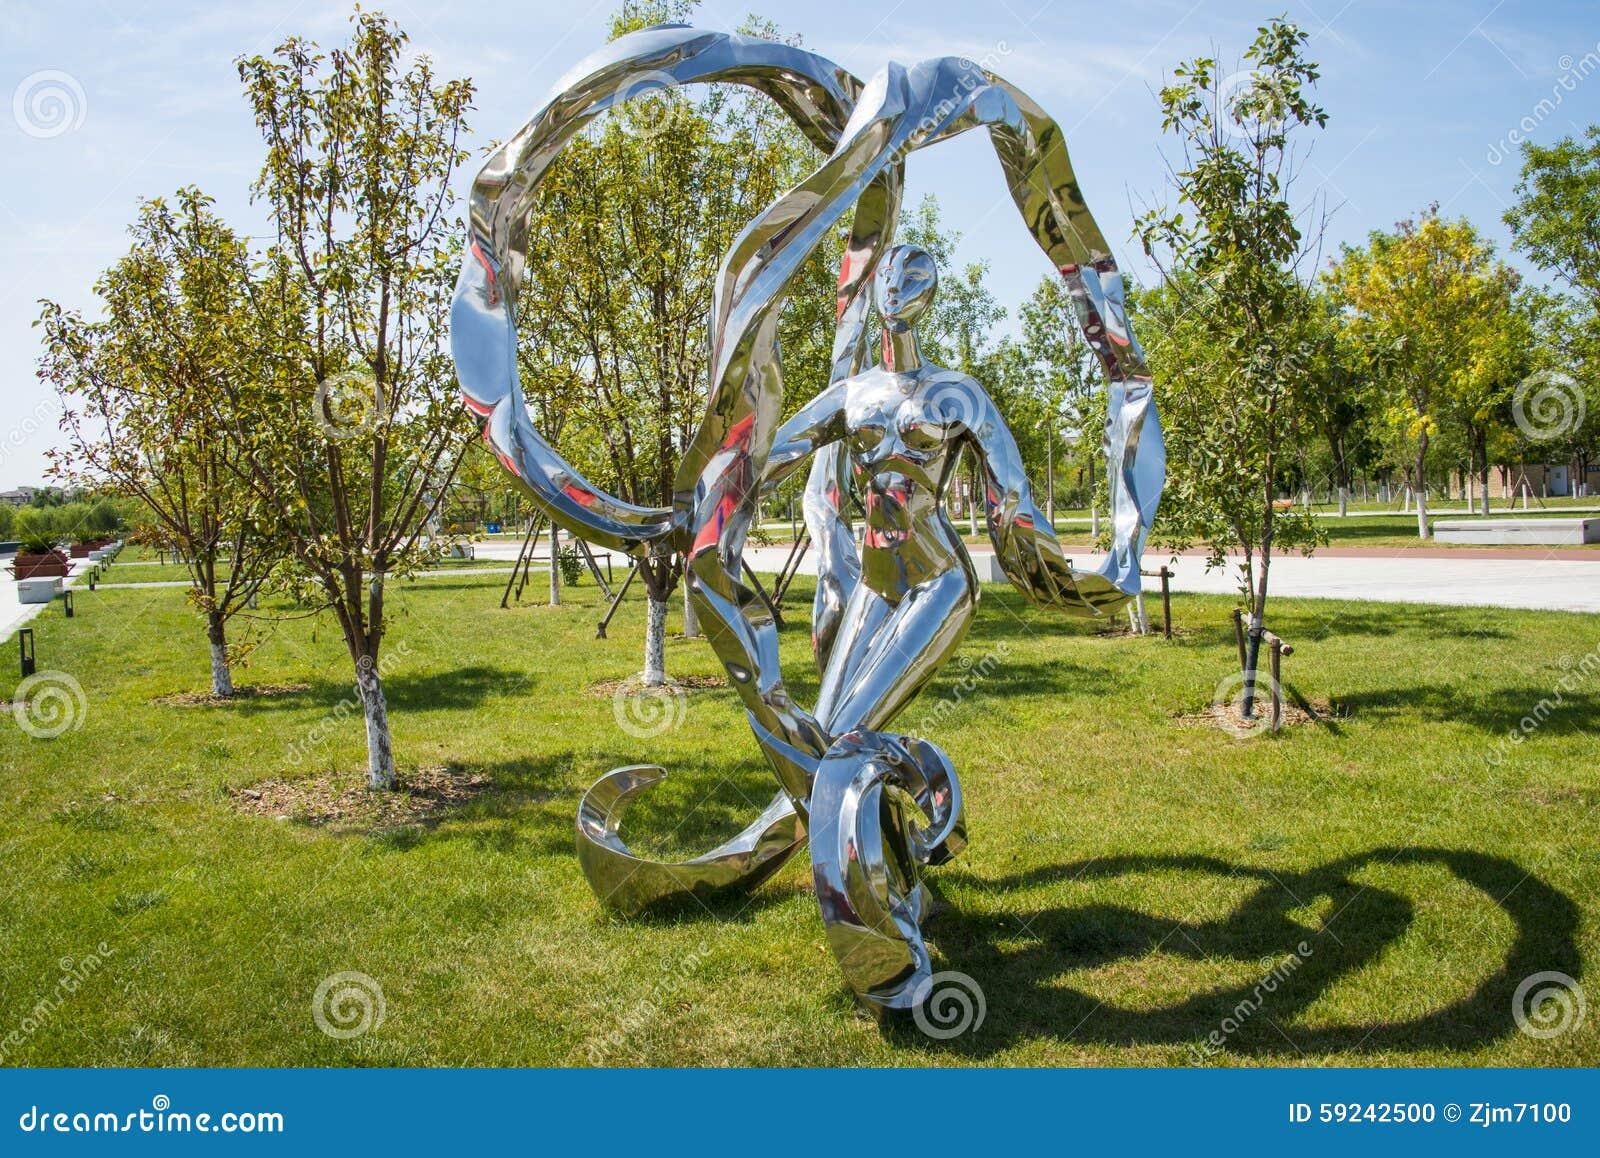 Asia China, Wuqing, Tianjin, expo verde, escultura del paisaje, las cintas que agitan de la mujer